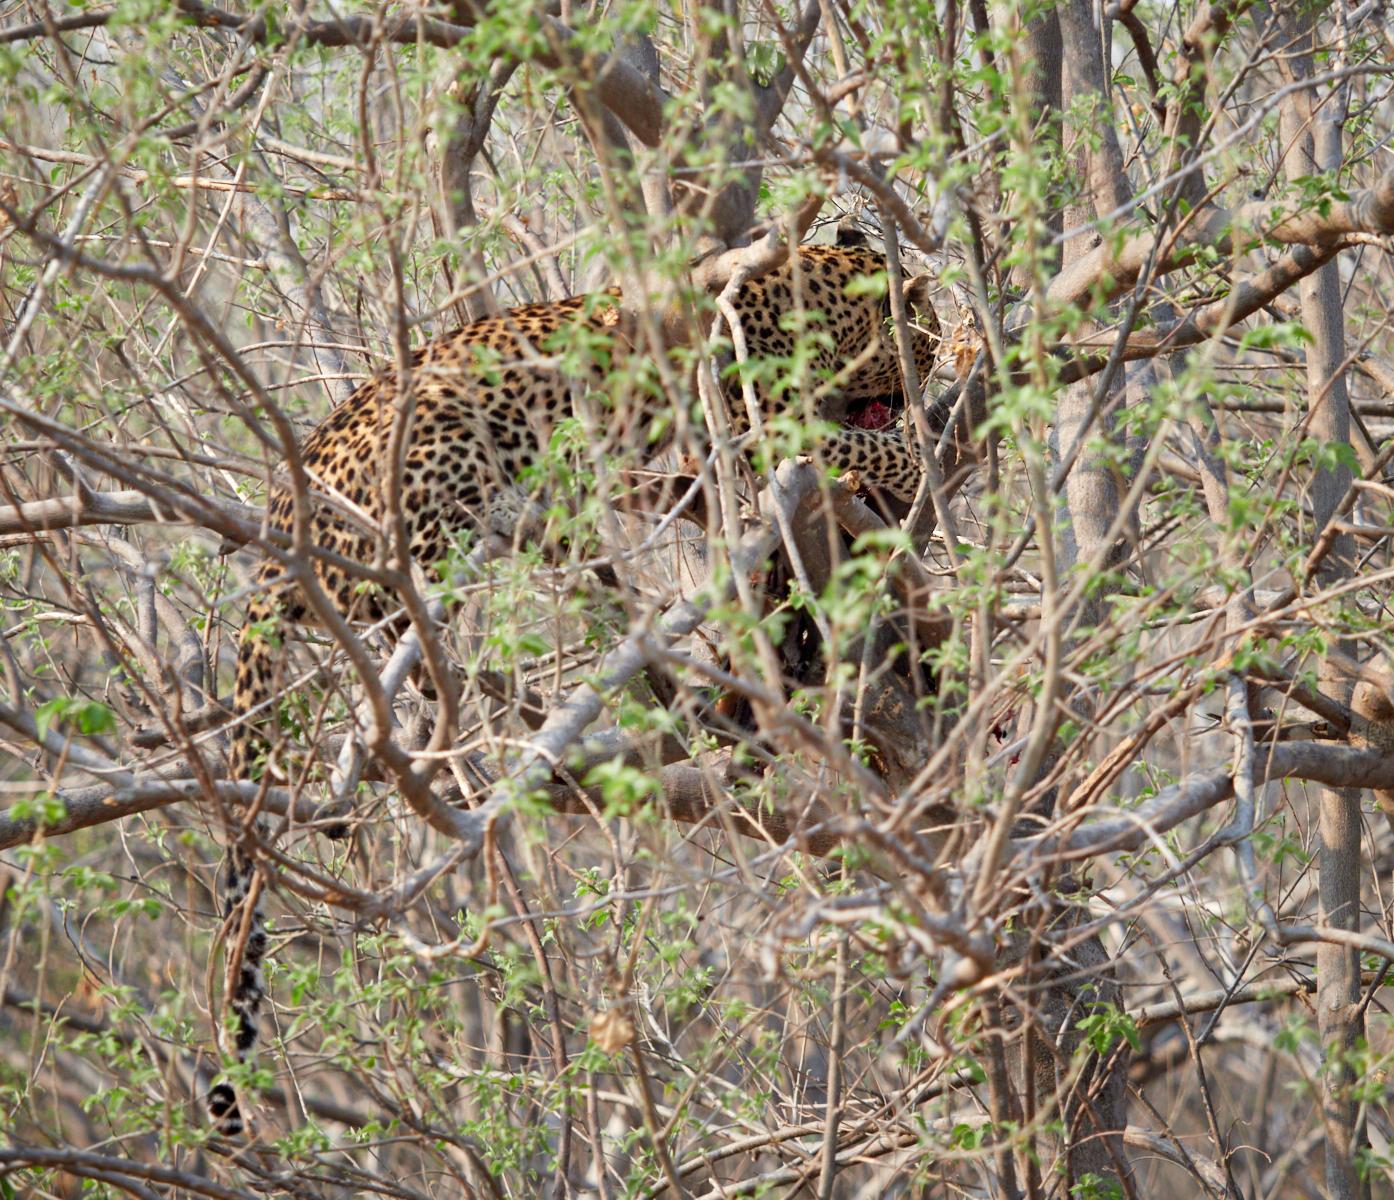 Treed leopard